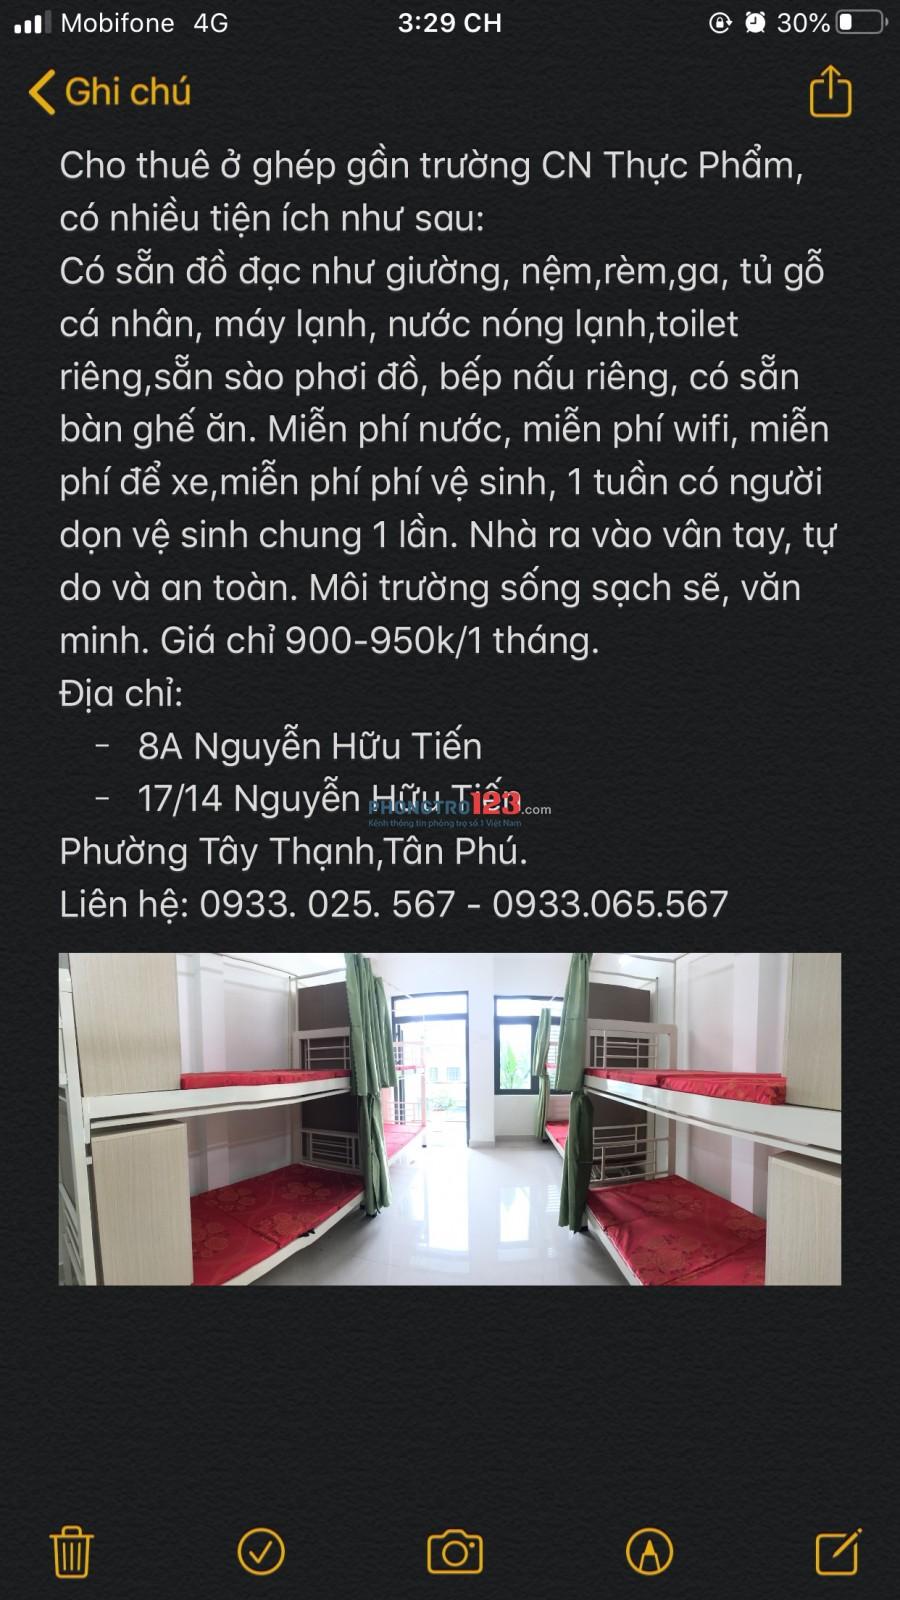 Cho thuê phòng trọ tại 17/14 Nguyễn Hữu Tiến, Phường Tây Thạnh, quận Tân Phú